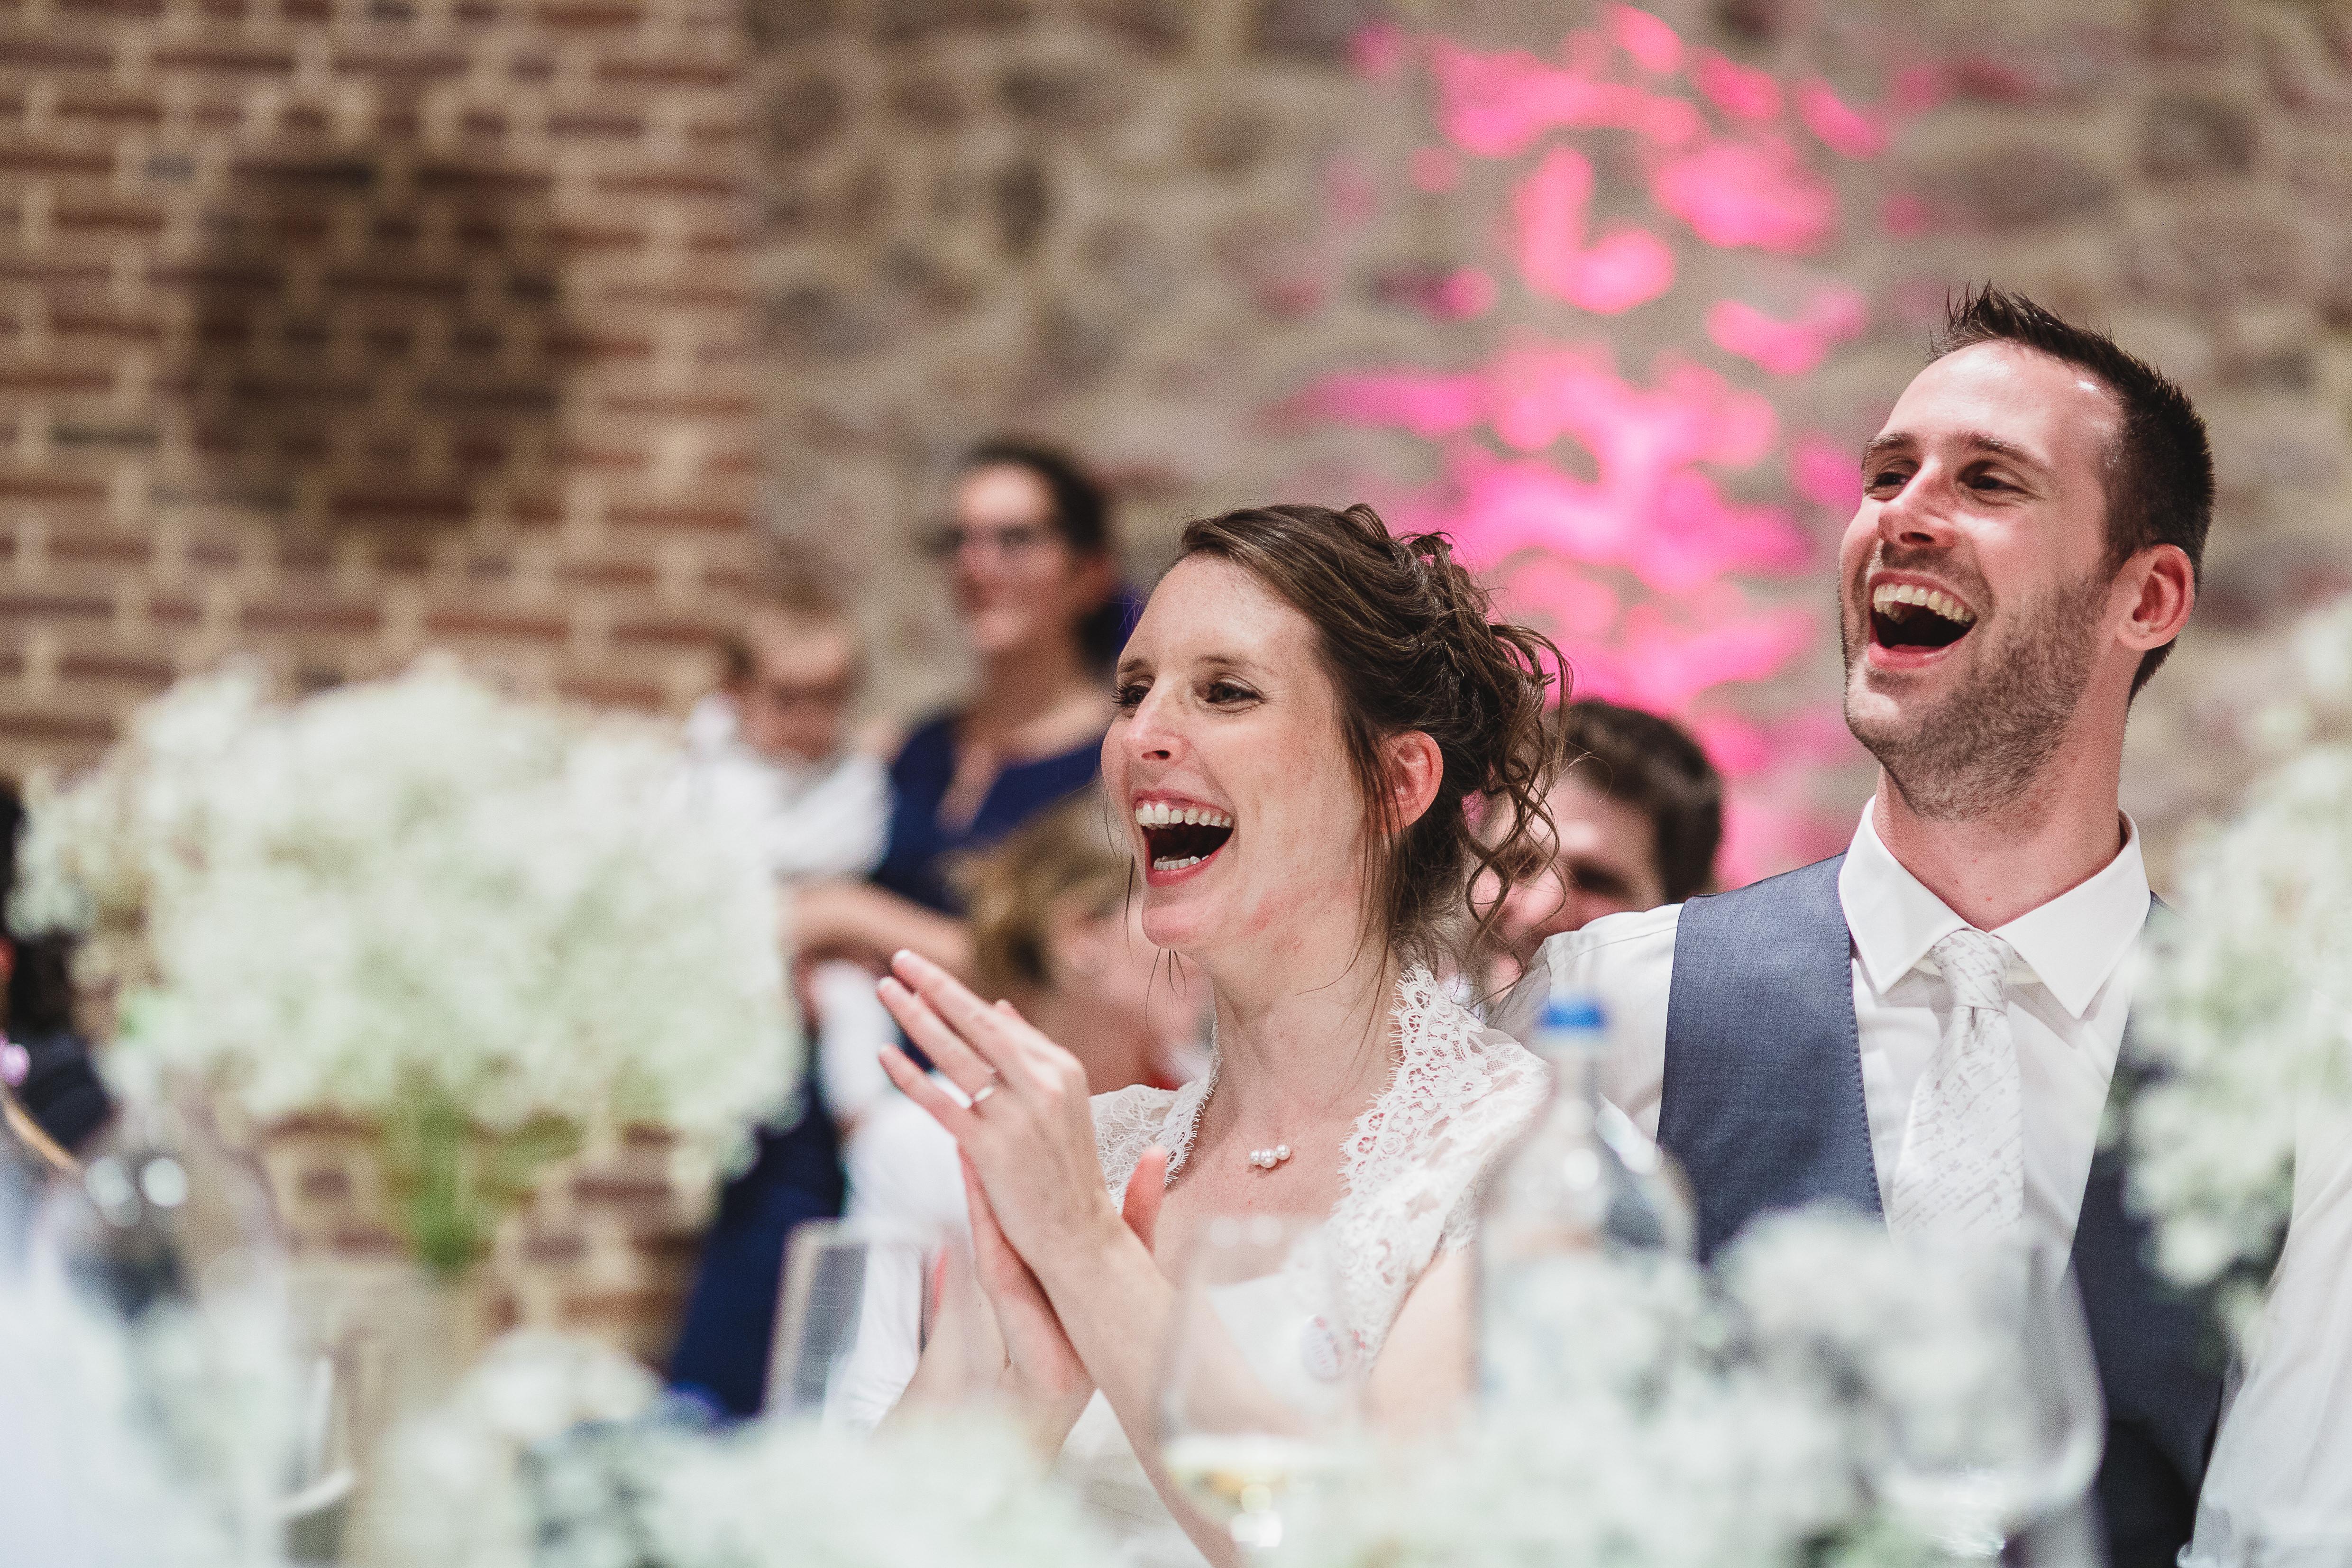 Mon mariage plein d'humour et de tendresse : un repas chargé en émotions